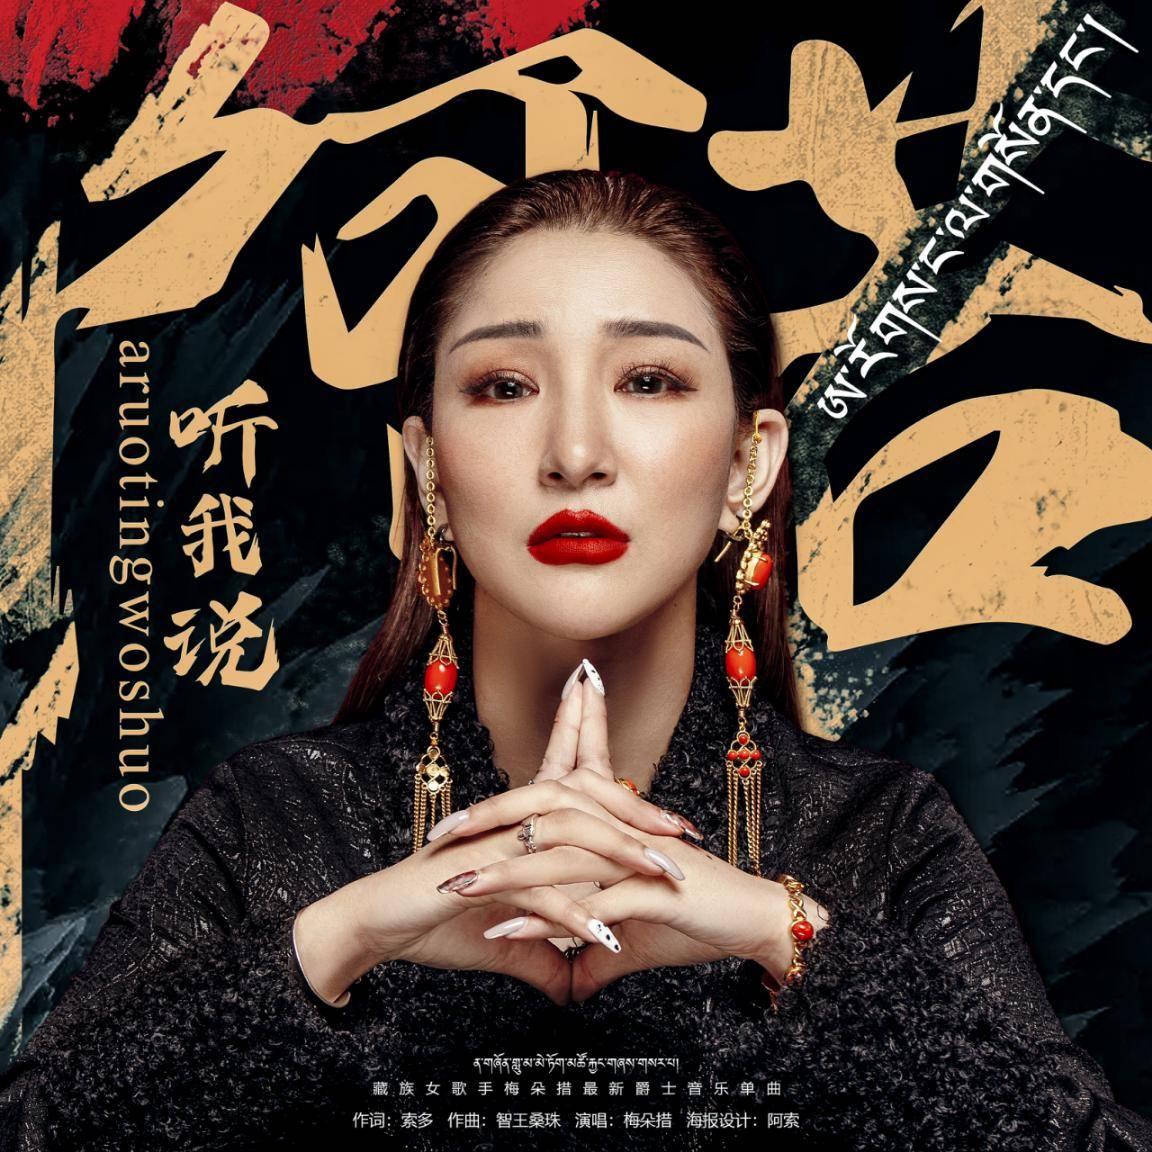 """最火的藏语歌曲排行榜_""""丁真新歌""""突然爆火"""